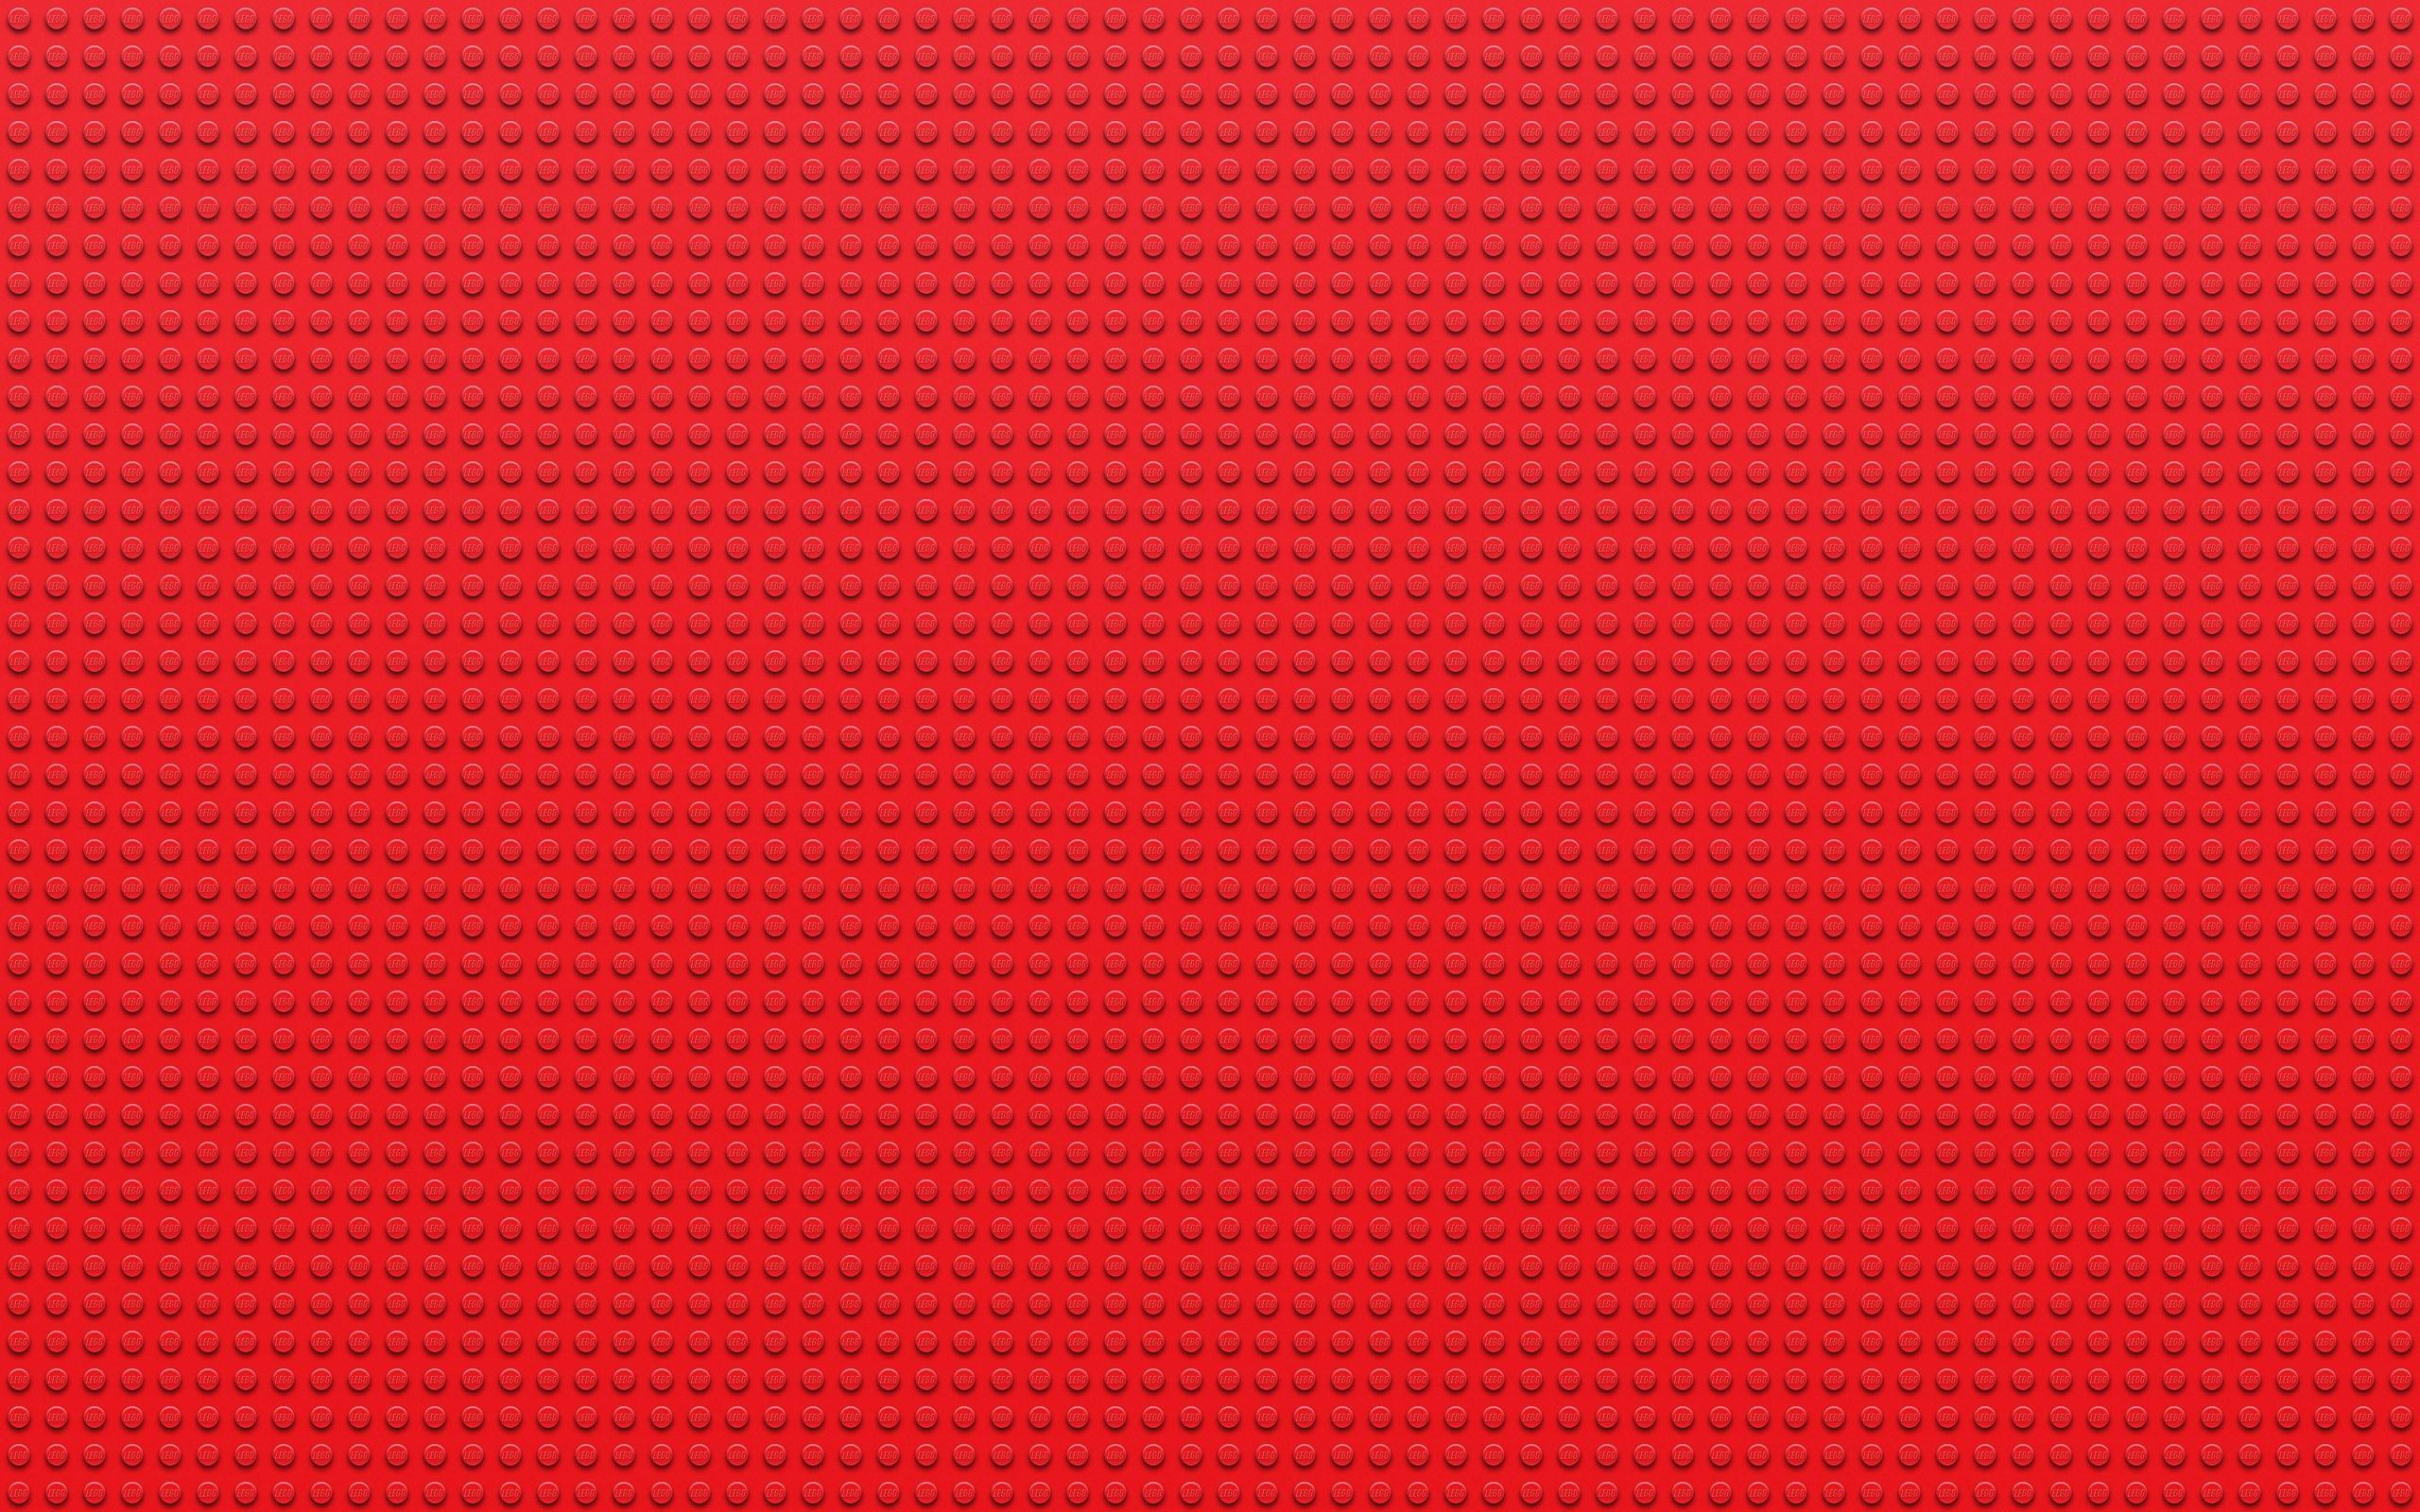 111848 Salvapantallas y fondos de pantalla Texturas en tu teléfono. Descarga imágenes de Texturas, Textura, Lego, Puntos, Punto, Círculos gratis